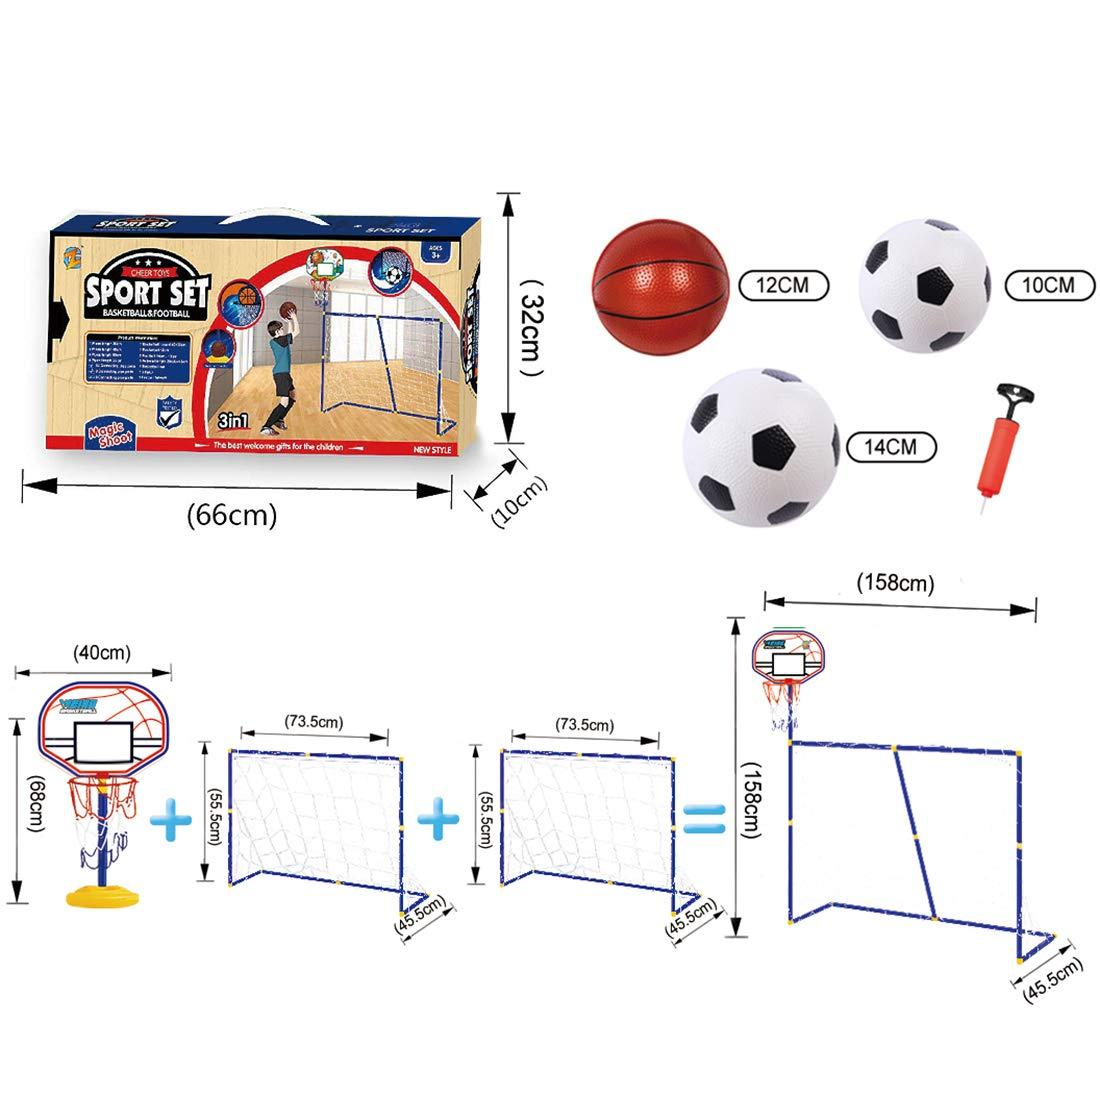 45 De Juguete Niños 158 Portería Con Para Plegables 2 158 5cm Fútbol EH92ID